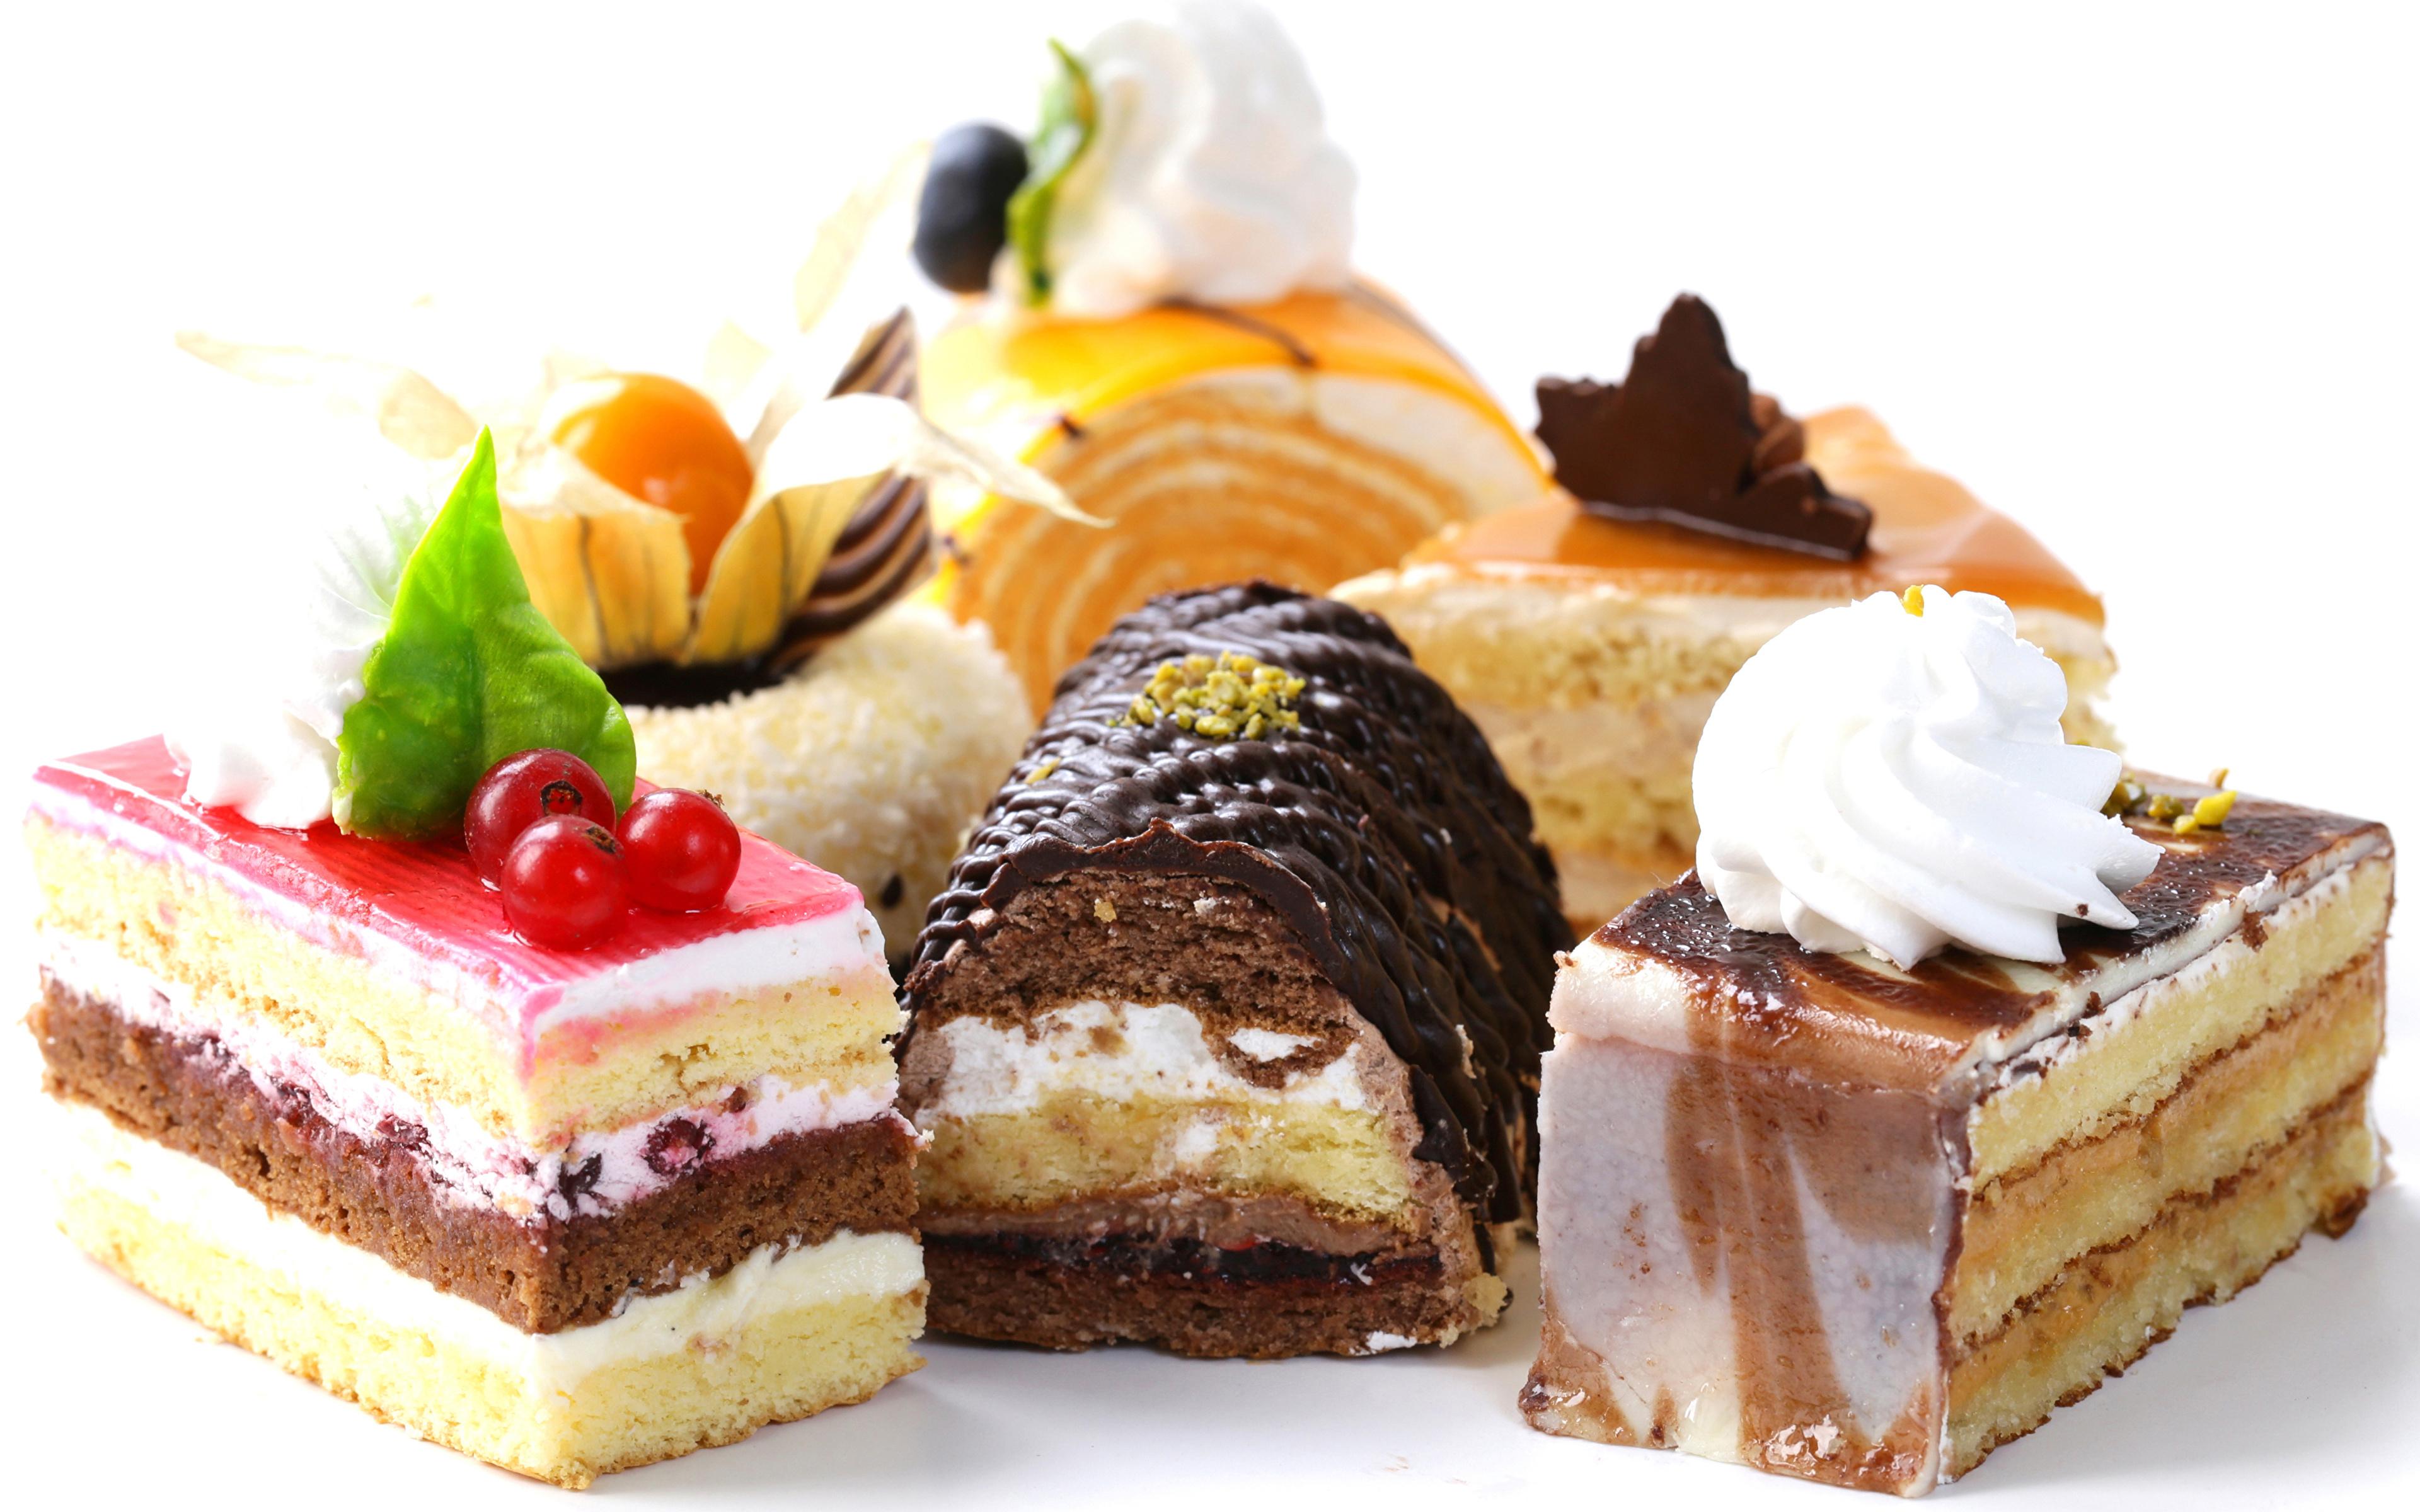 Фото Шоколад Пища Пирожное белом фоне сладкая еда Дизайн 3840x2400 Еда Продукты питания Сладости Белый фон белым фоном дизайна